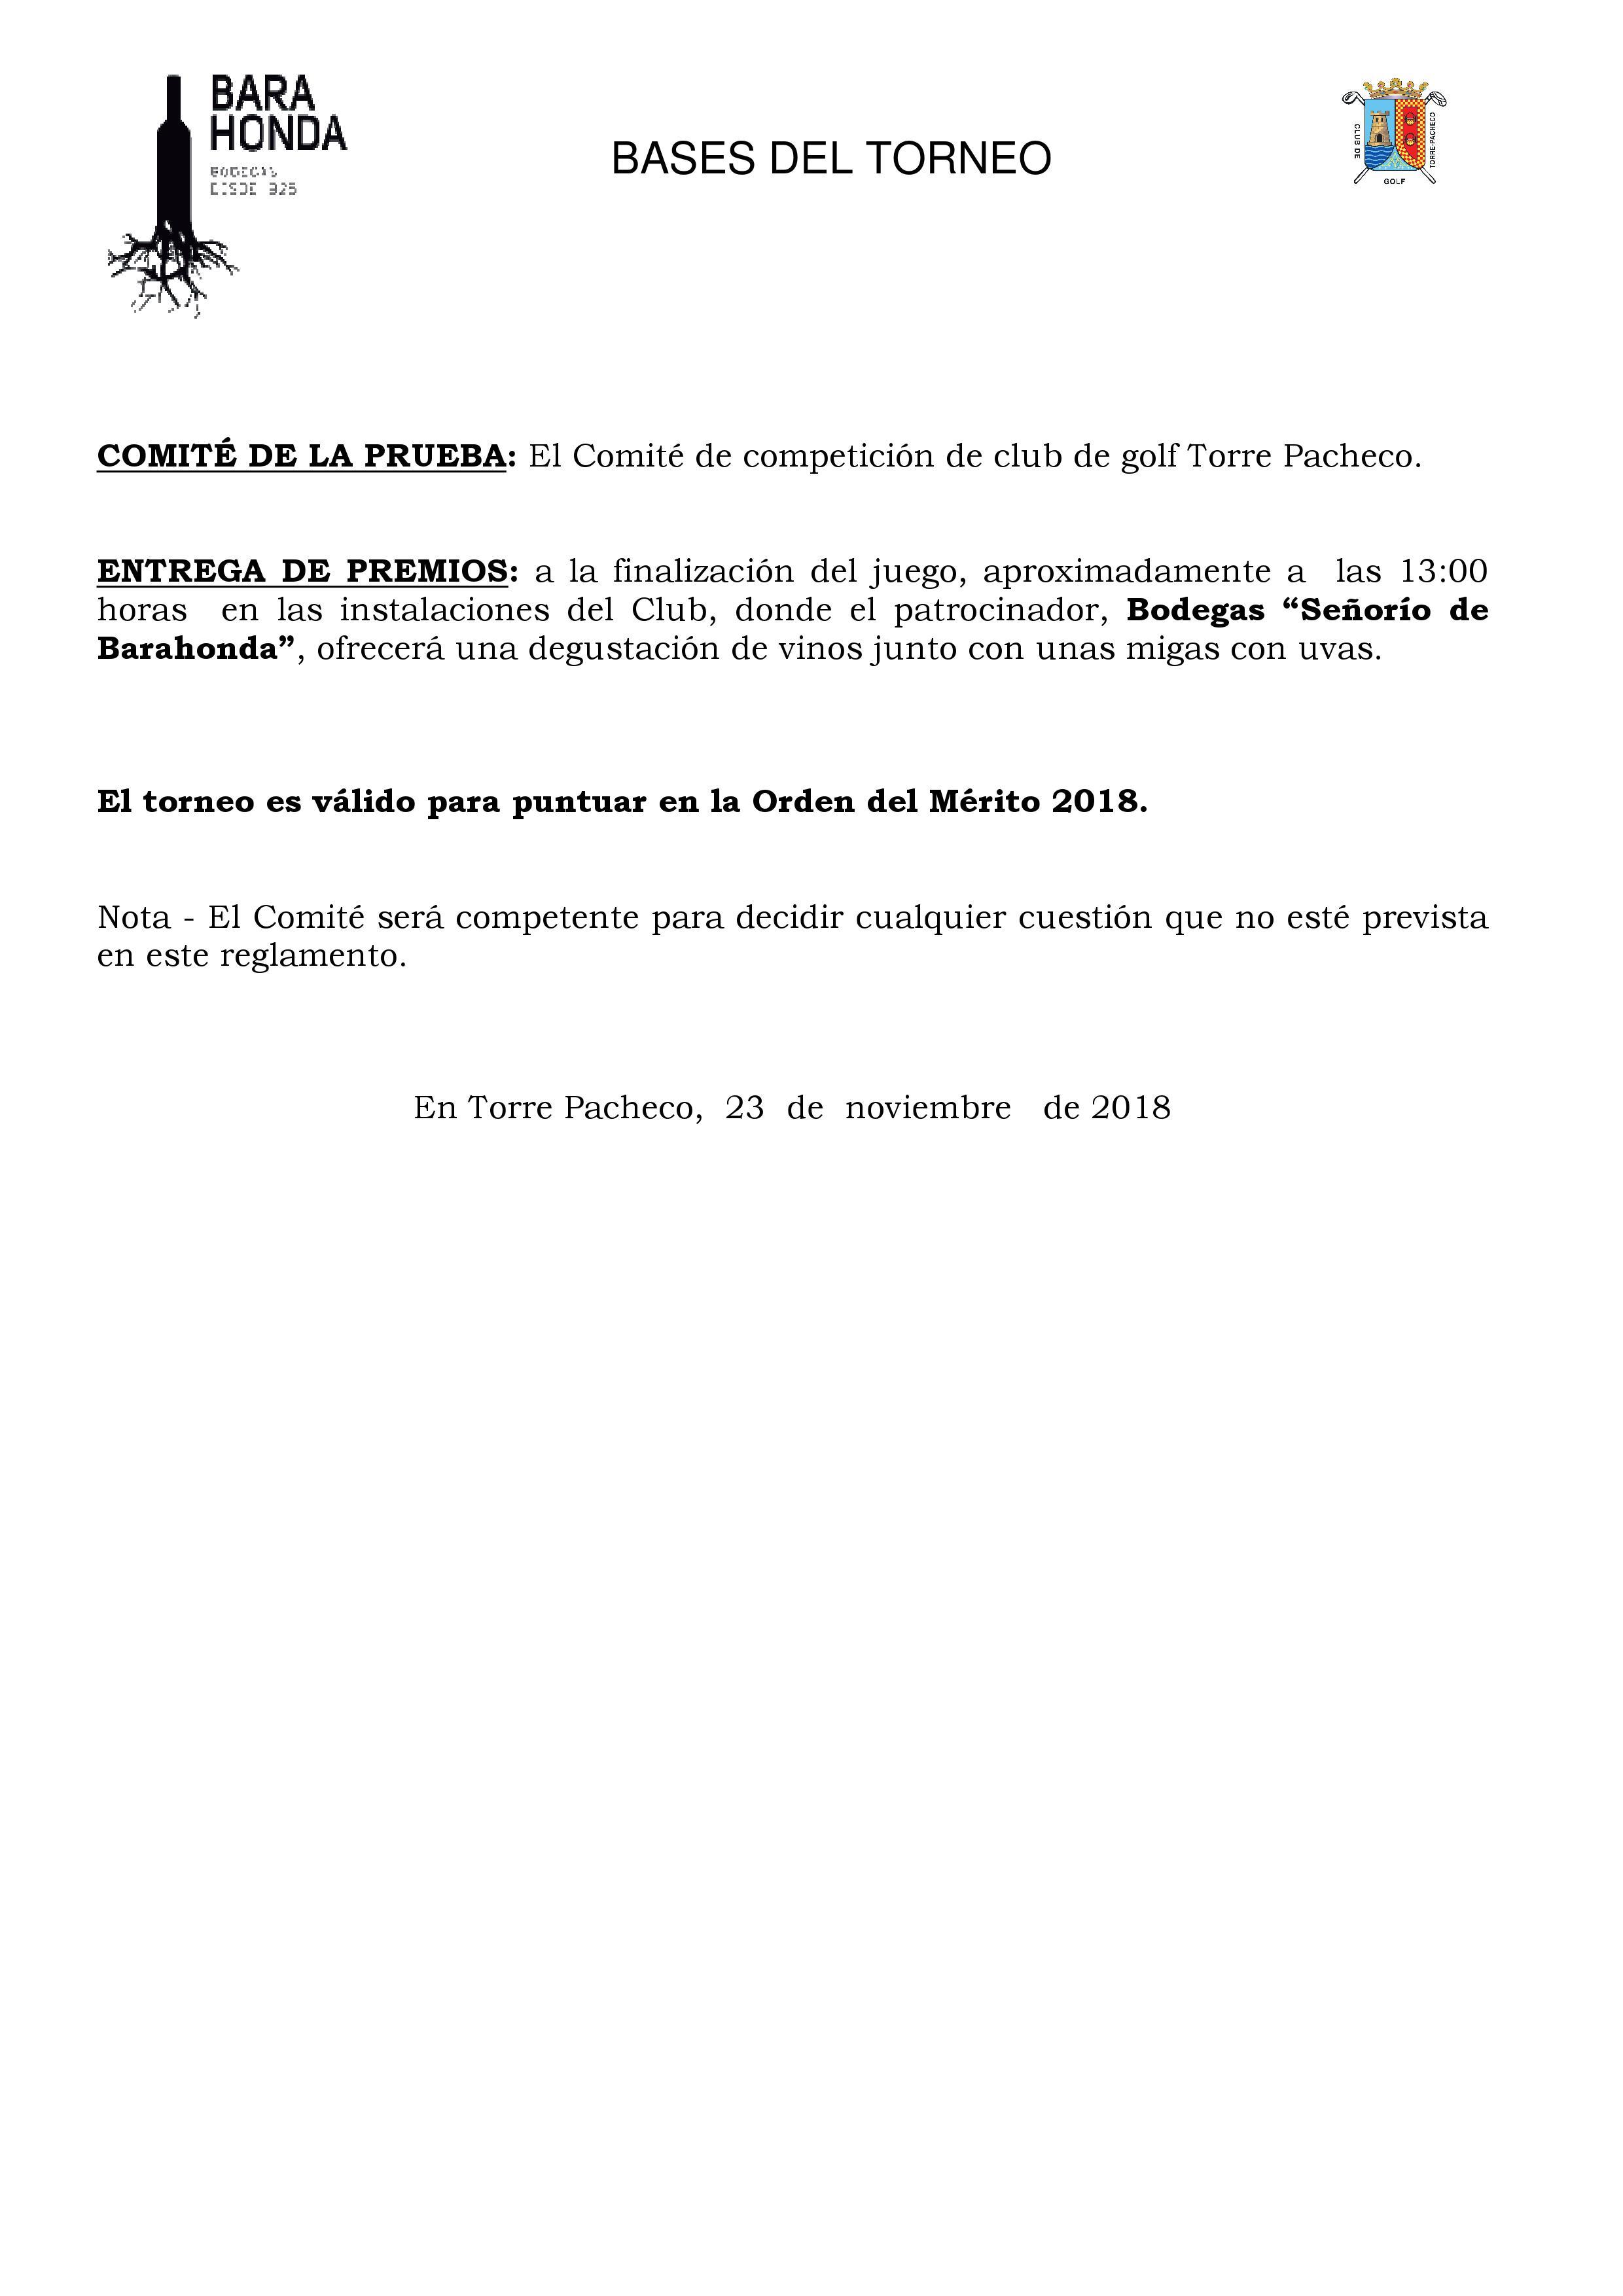 181216 TPA, Reglamento del torneo (2)